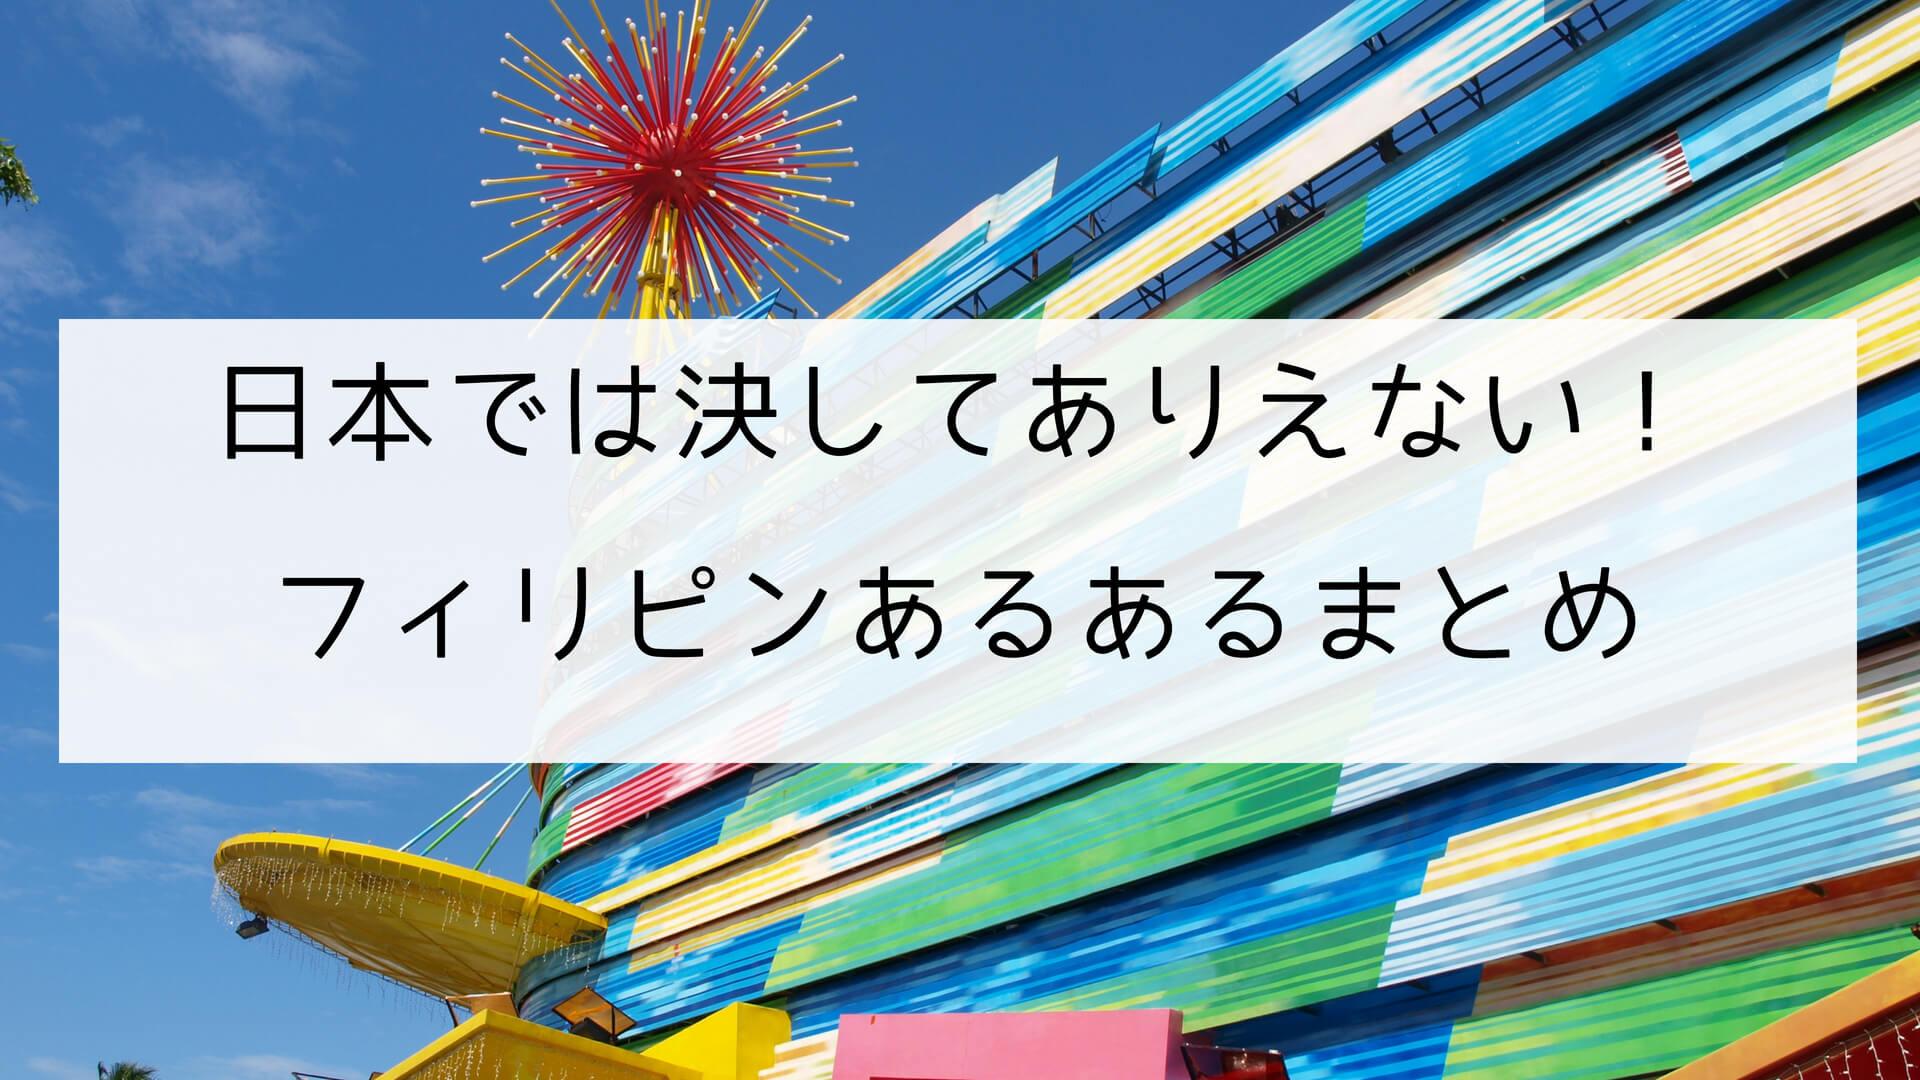 日本では決してありえない!フィリピンあるあるまとめ